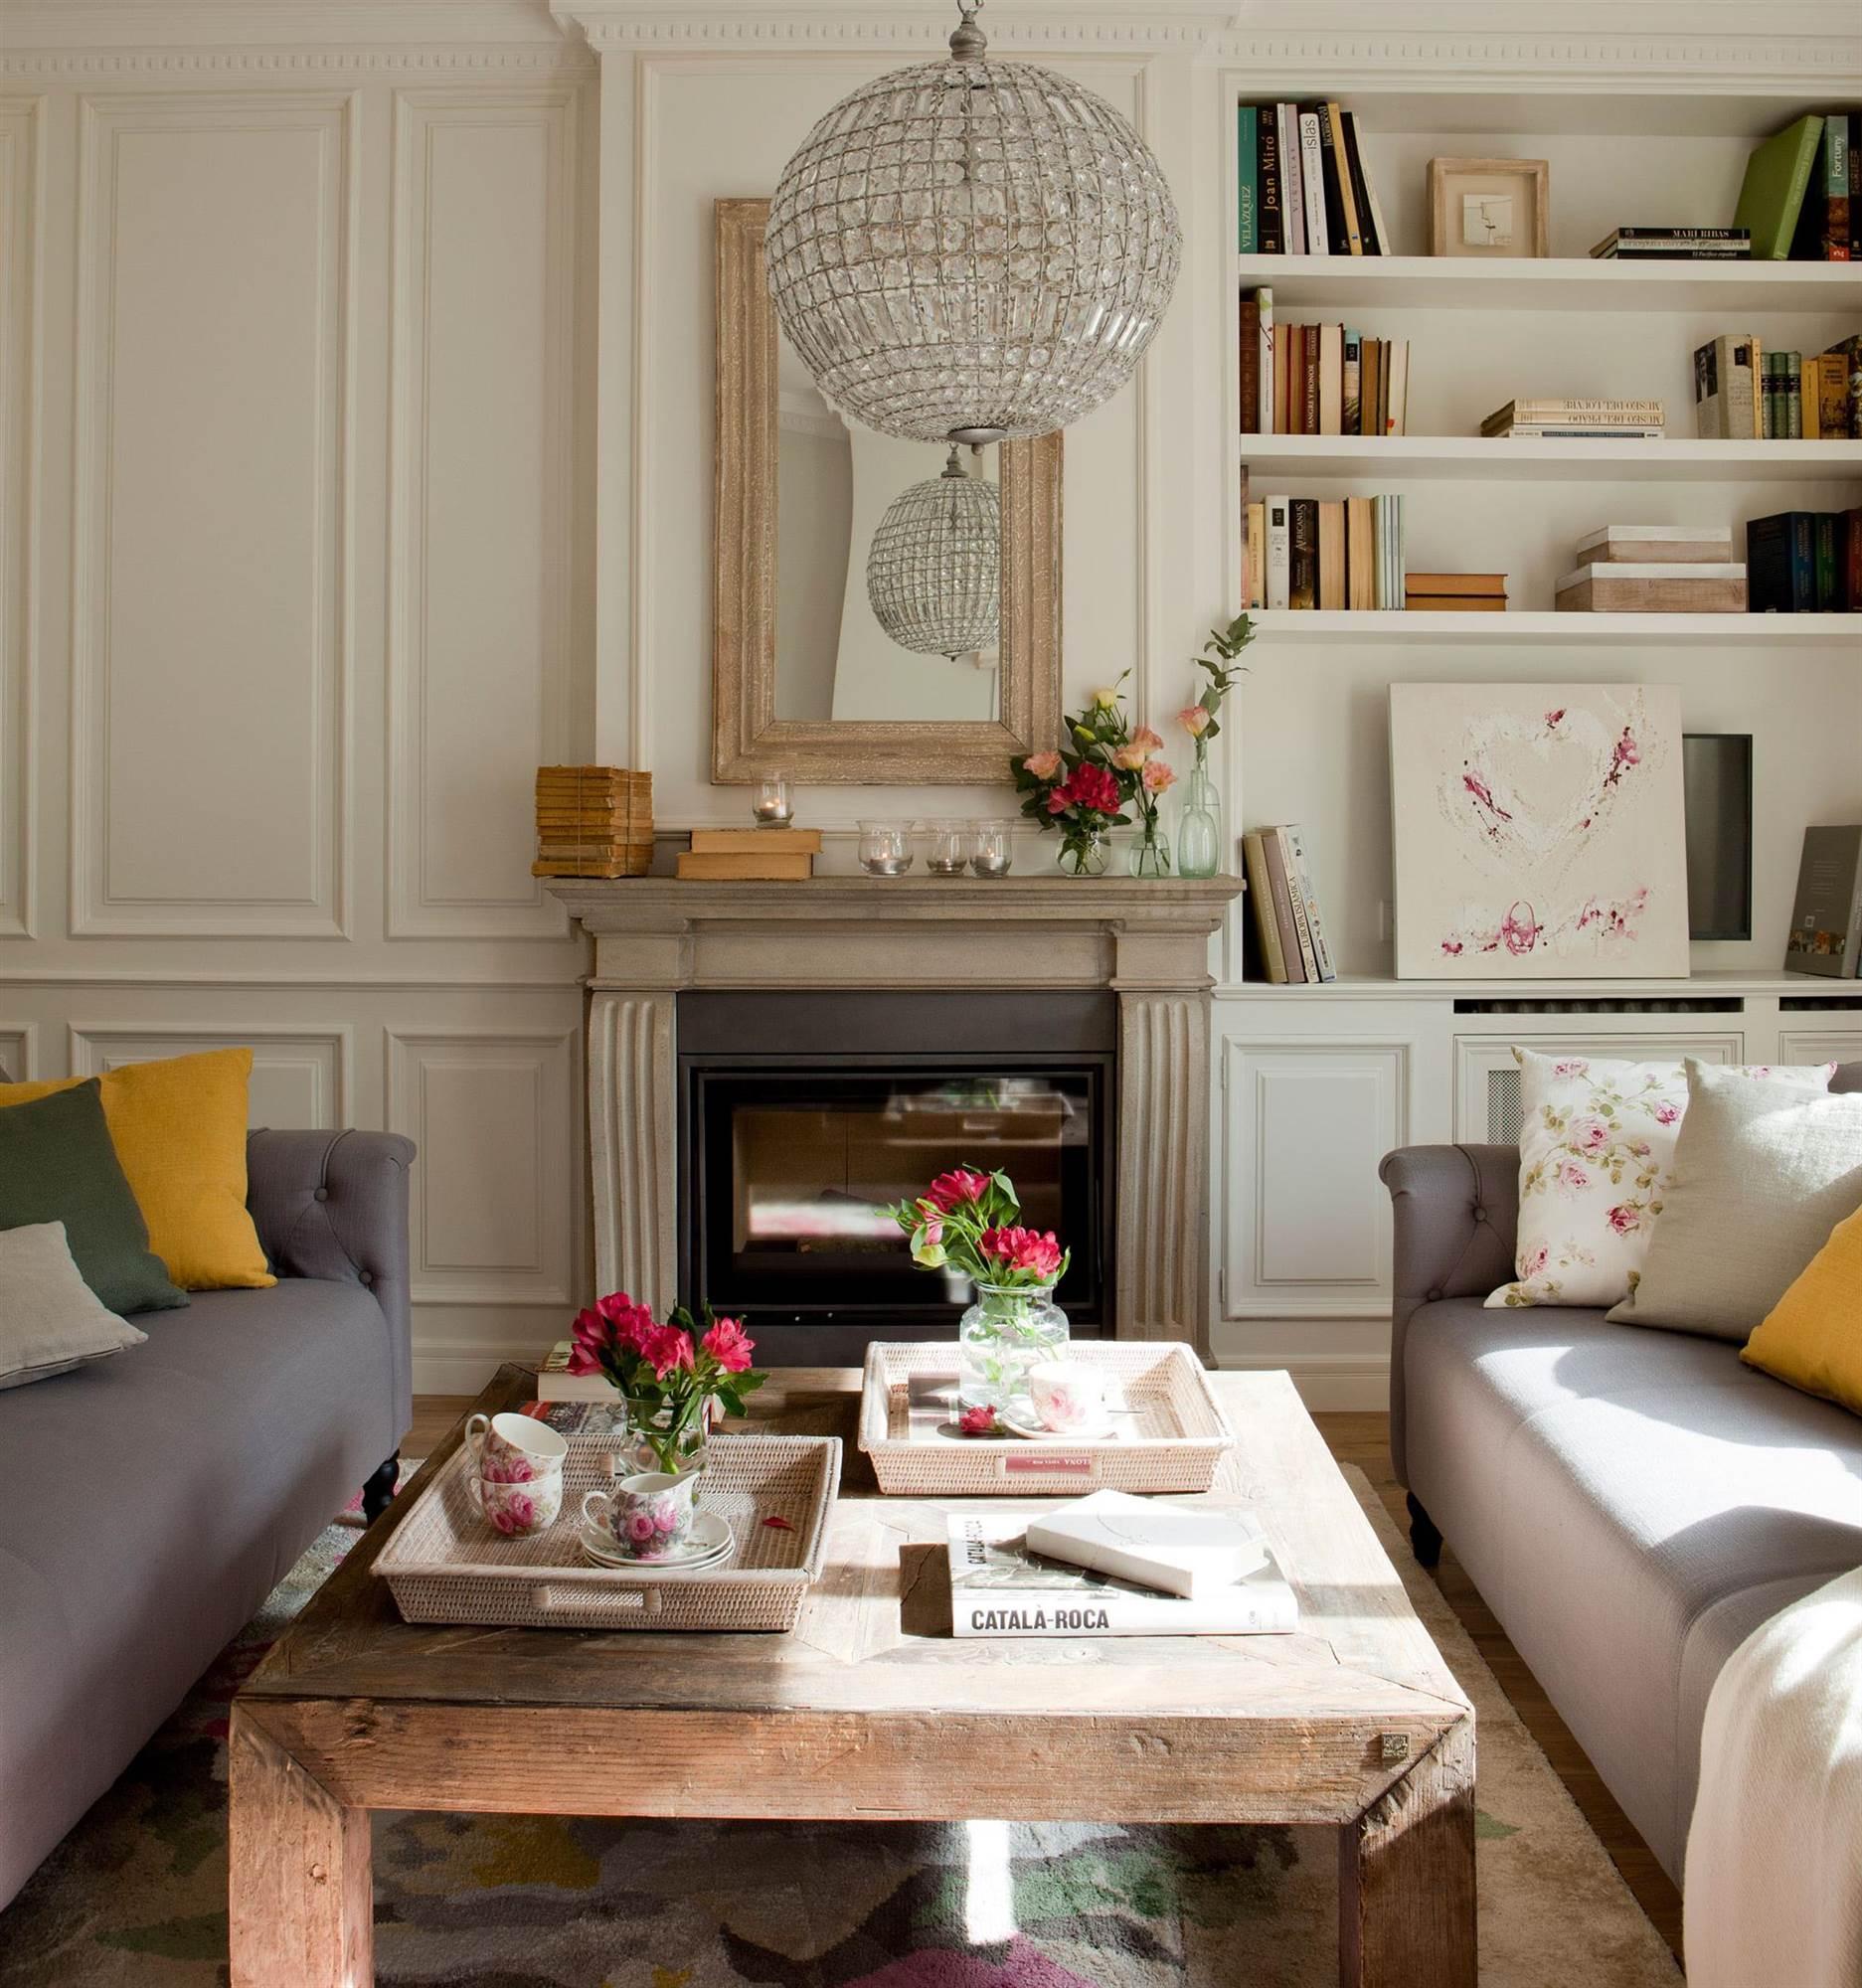 Ventajas de tener una chimenea en casa Librerias de pared